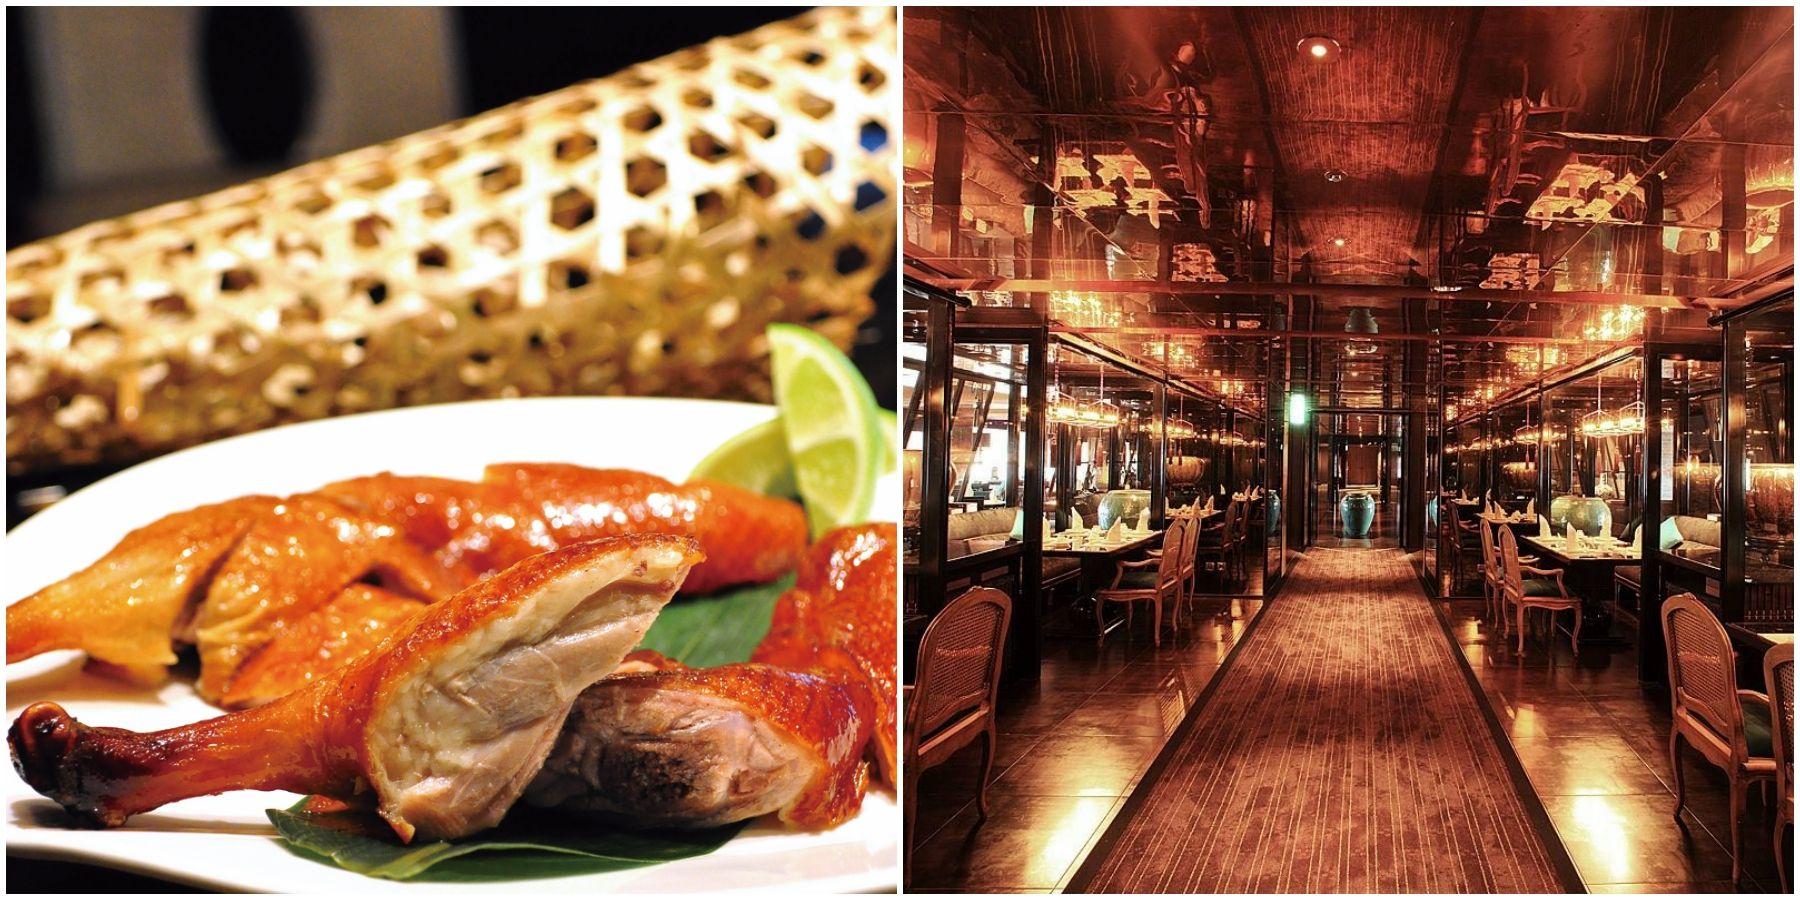 米其林指南,三星餐廳,米其林,君品頤宮,餐廳,台北,美食,唯一,旅遊,摘星,烤鴨